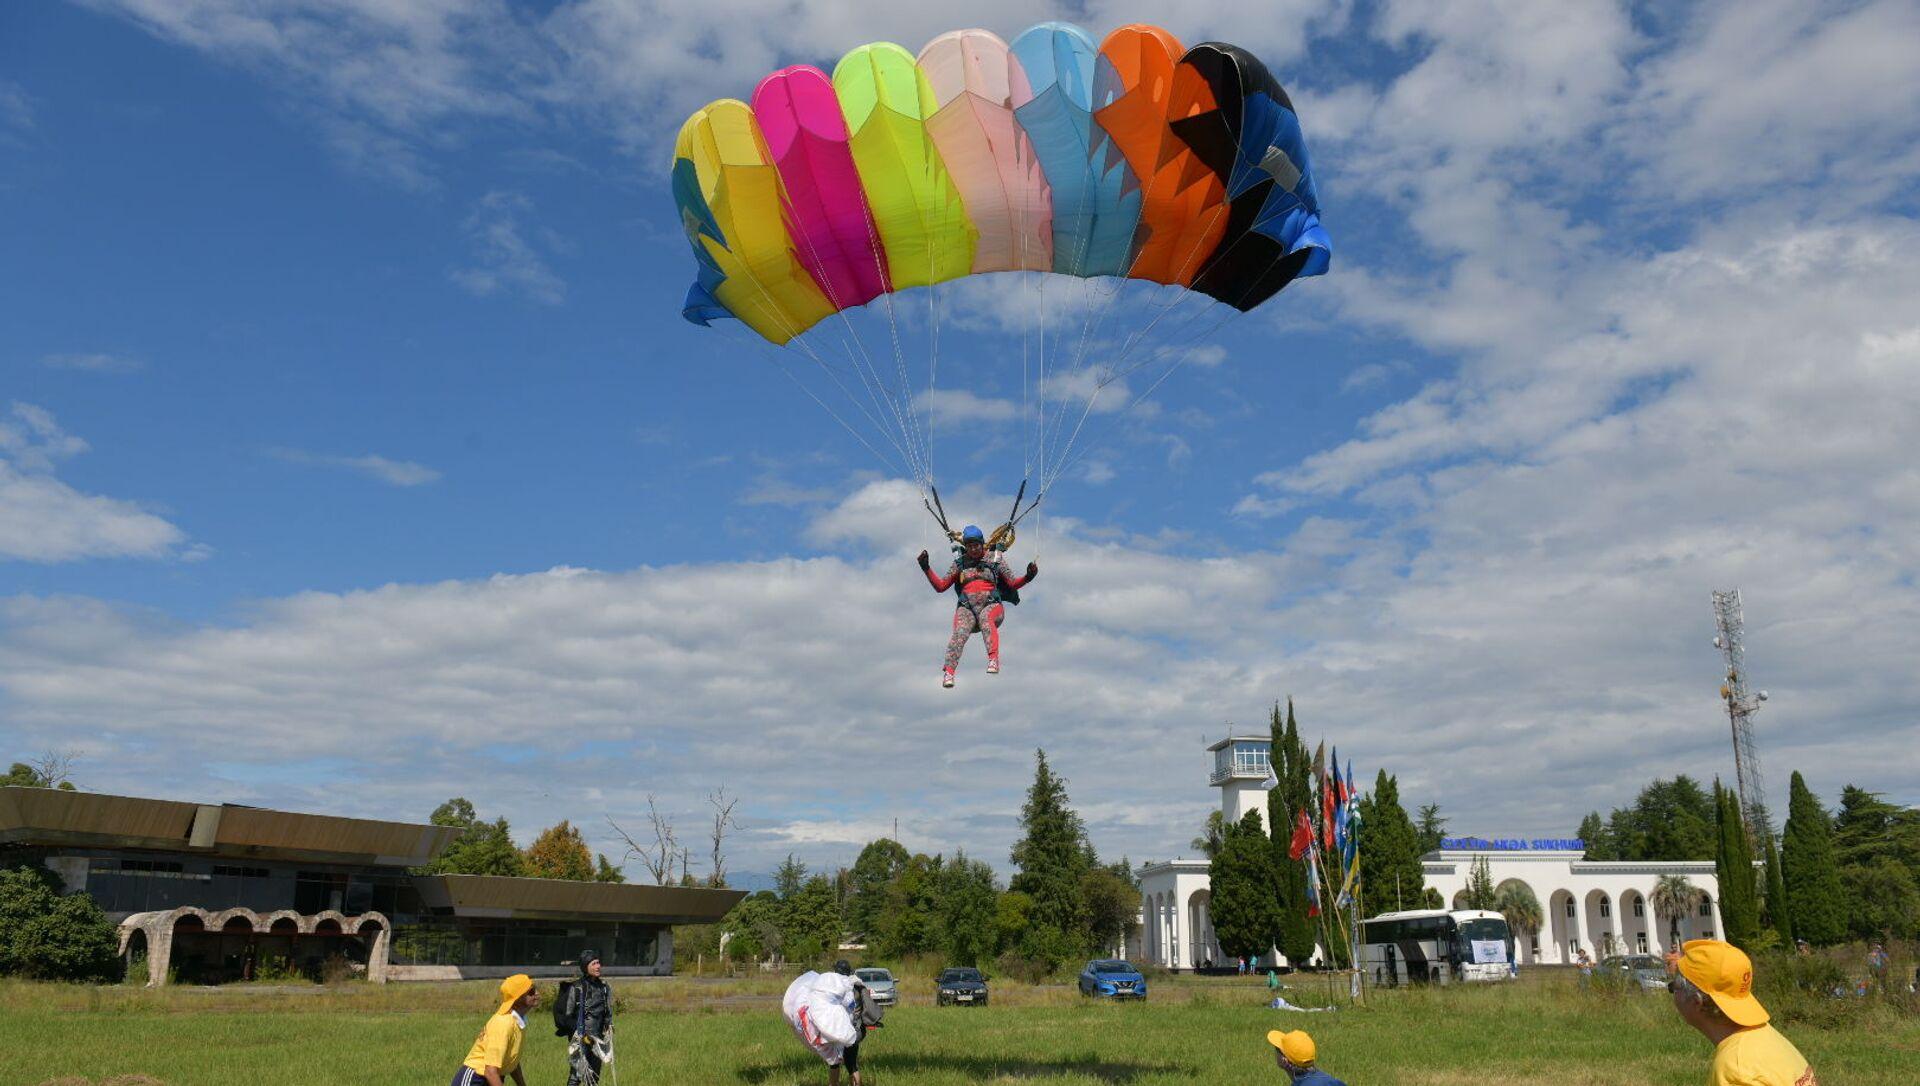 Cоревнования по парашютному спорту открылись в Абхазии - Sputnik Аҧсны, 1920, 18.09.2021